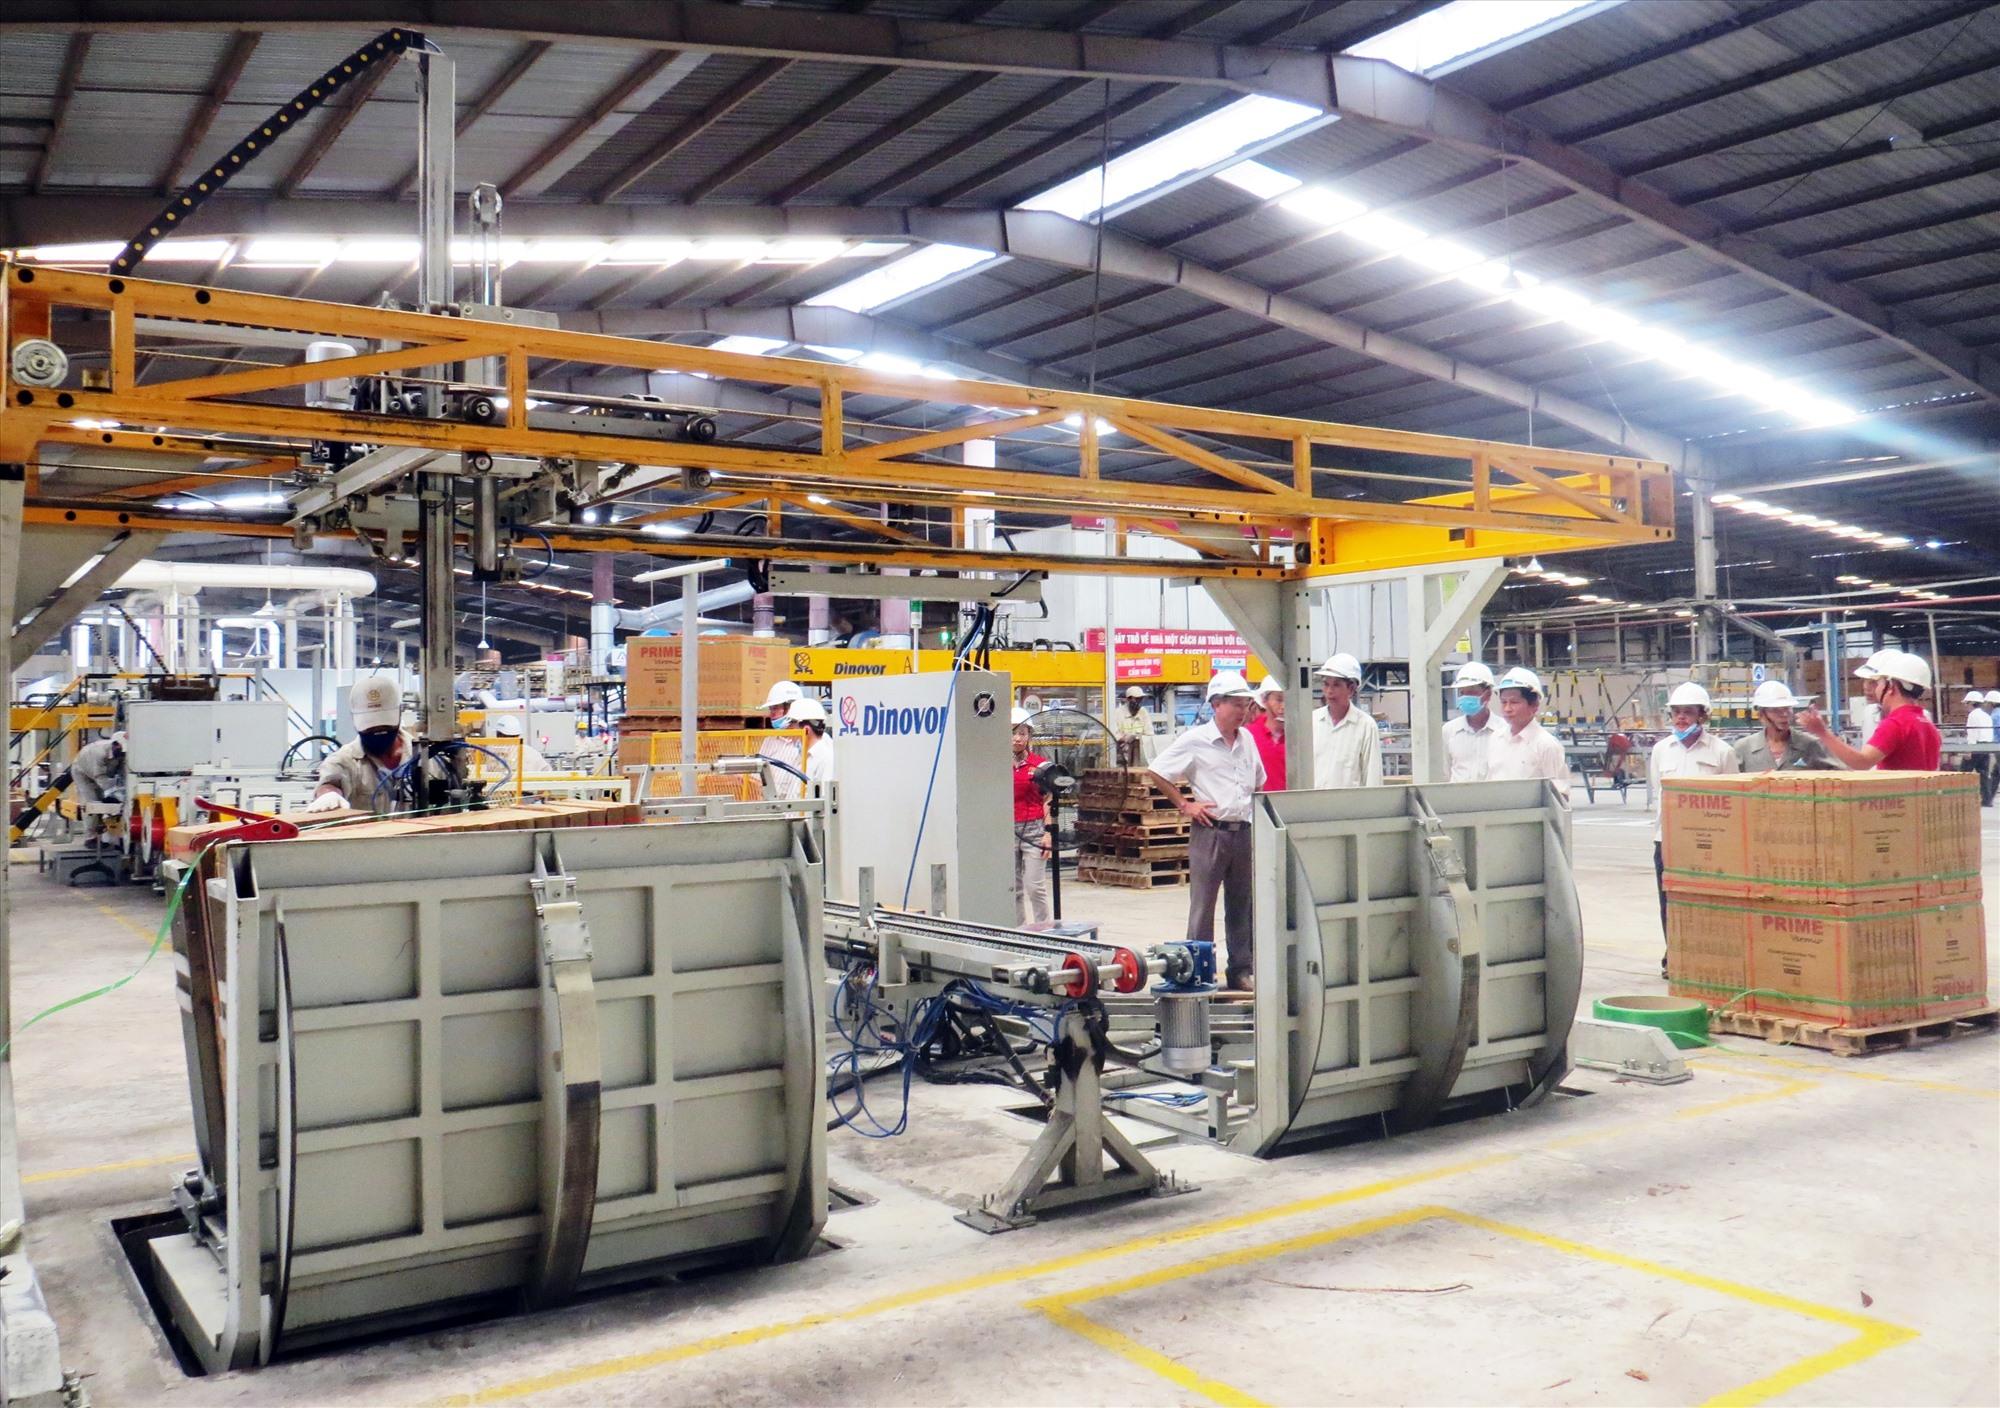 Công ty CP Prime Đại Lộc giải quyết việc làm cho người lao động và giữ vững ổn định sản xuất kinh doanh mặc dù chịu ảnh hưởng của dịch Covid-19 đầu năm 2020. Ảnh: HOÀNG LIÊN